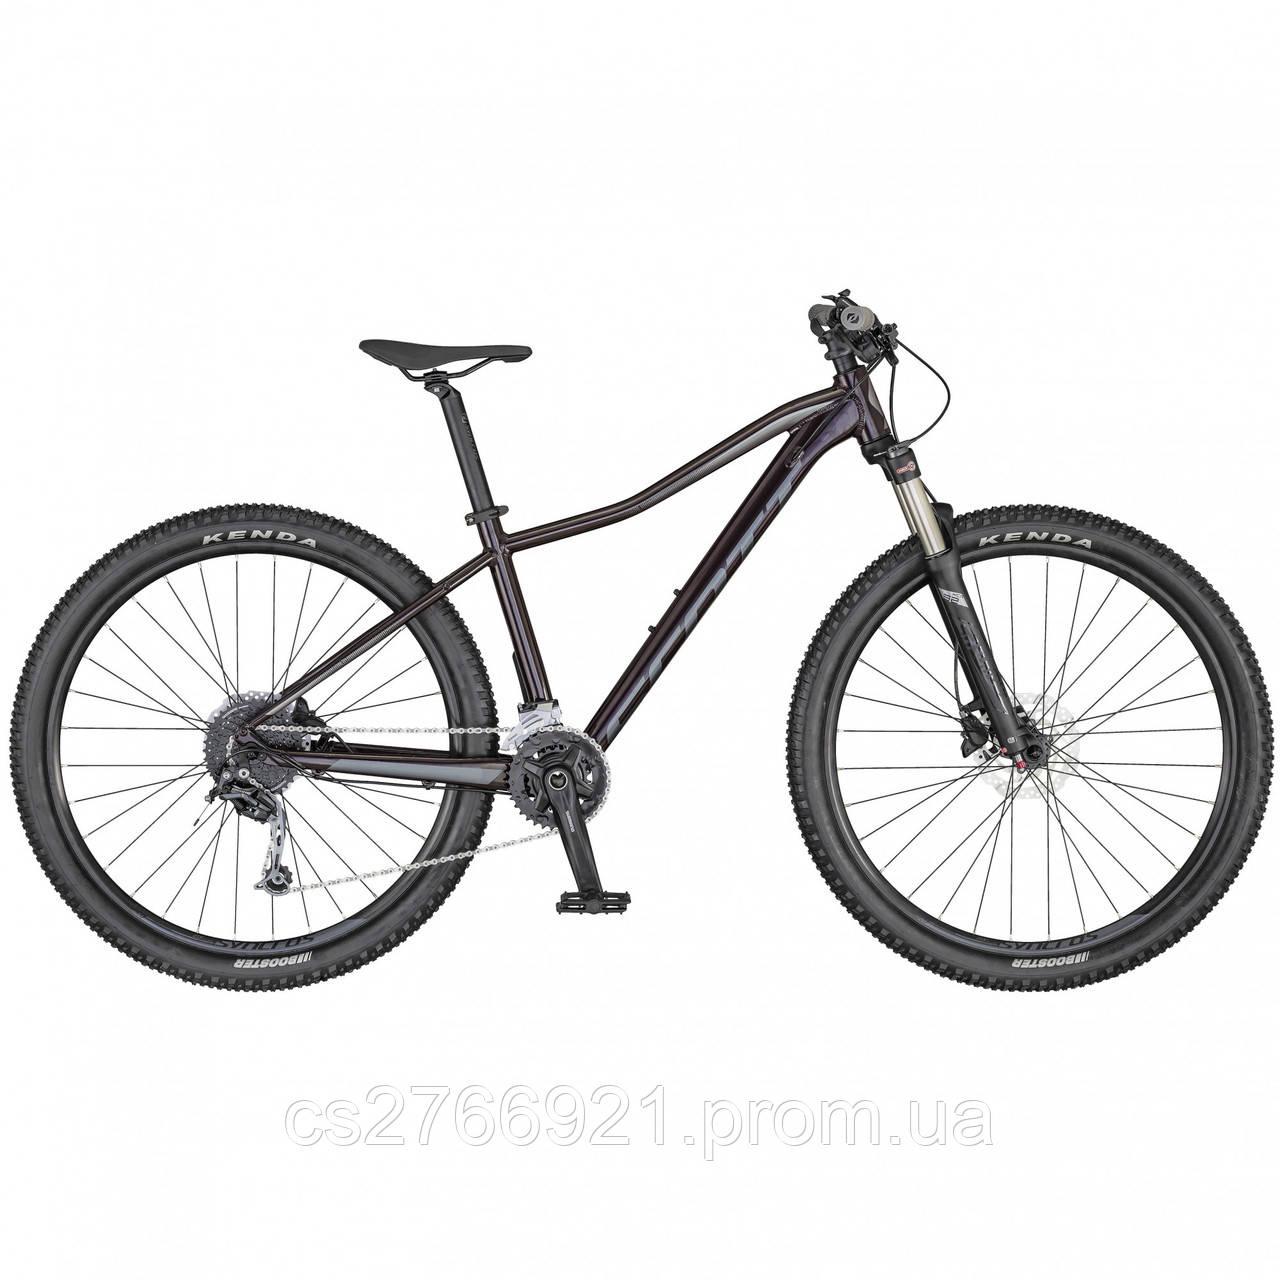 Велосипед CONTESSA ACTIVE 30 (CN) 20 SCOTT